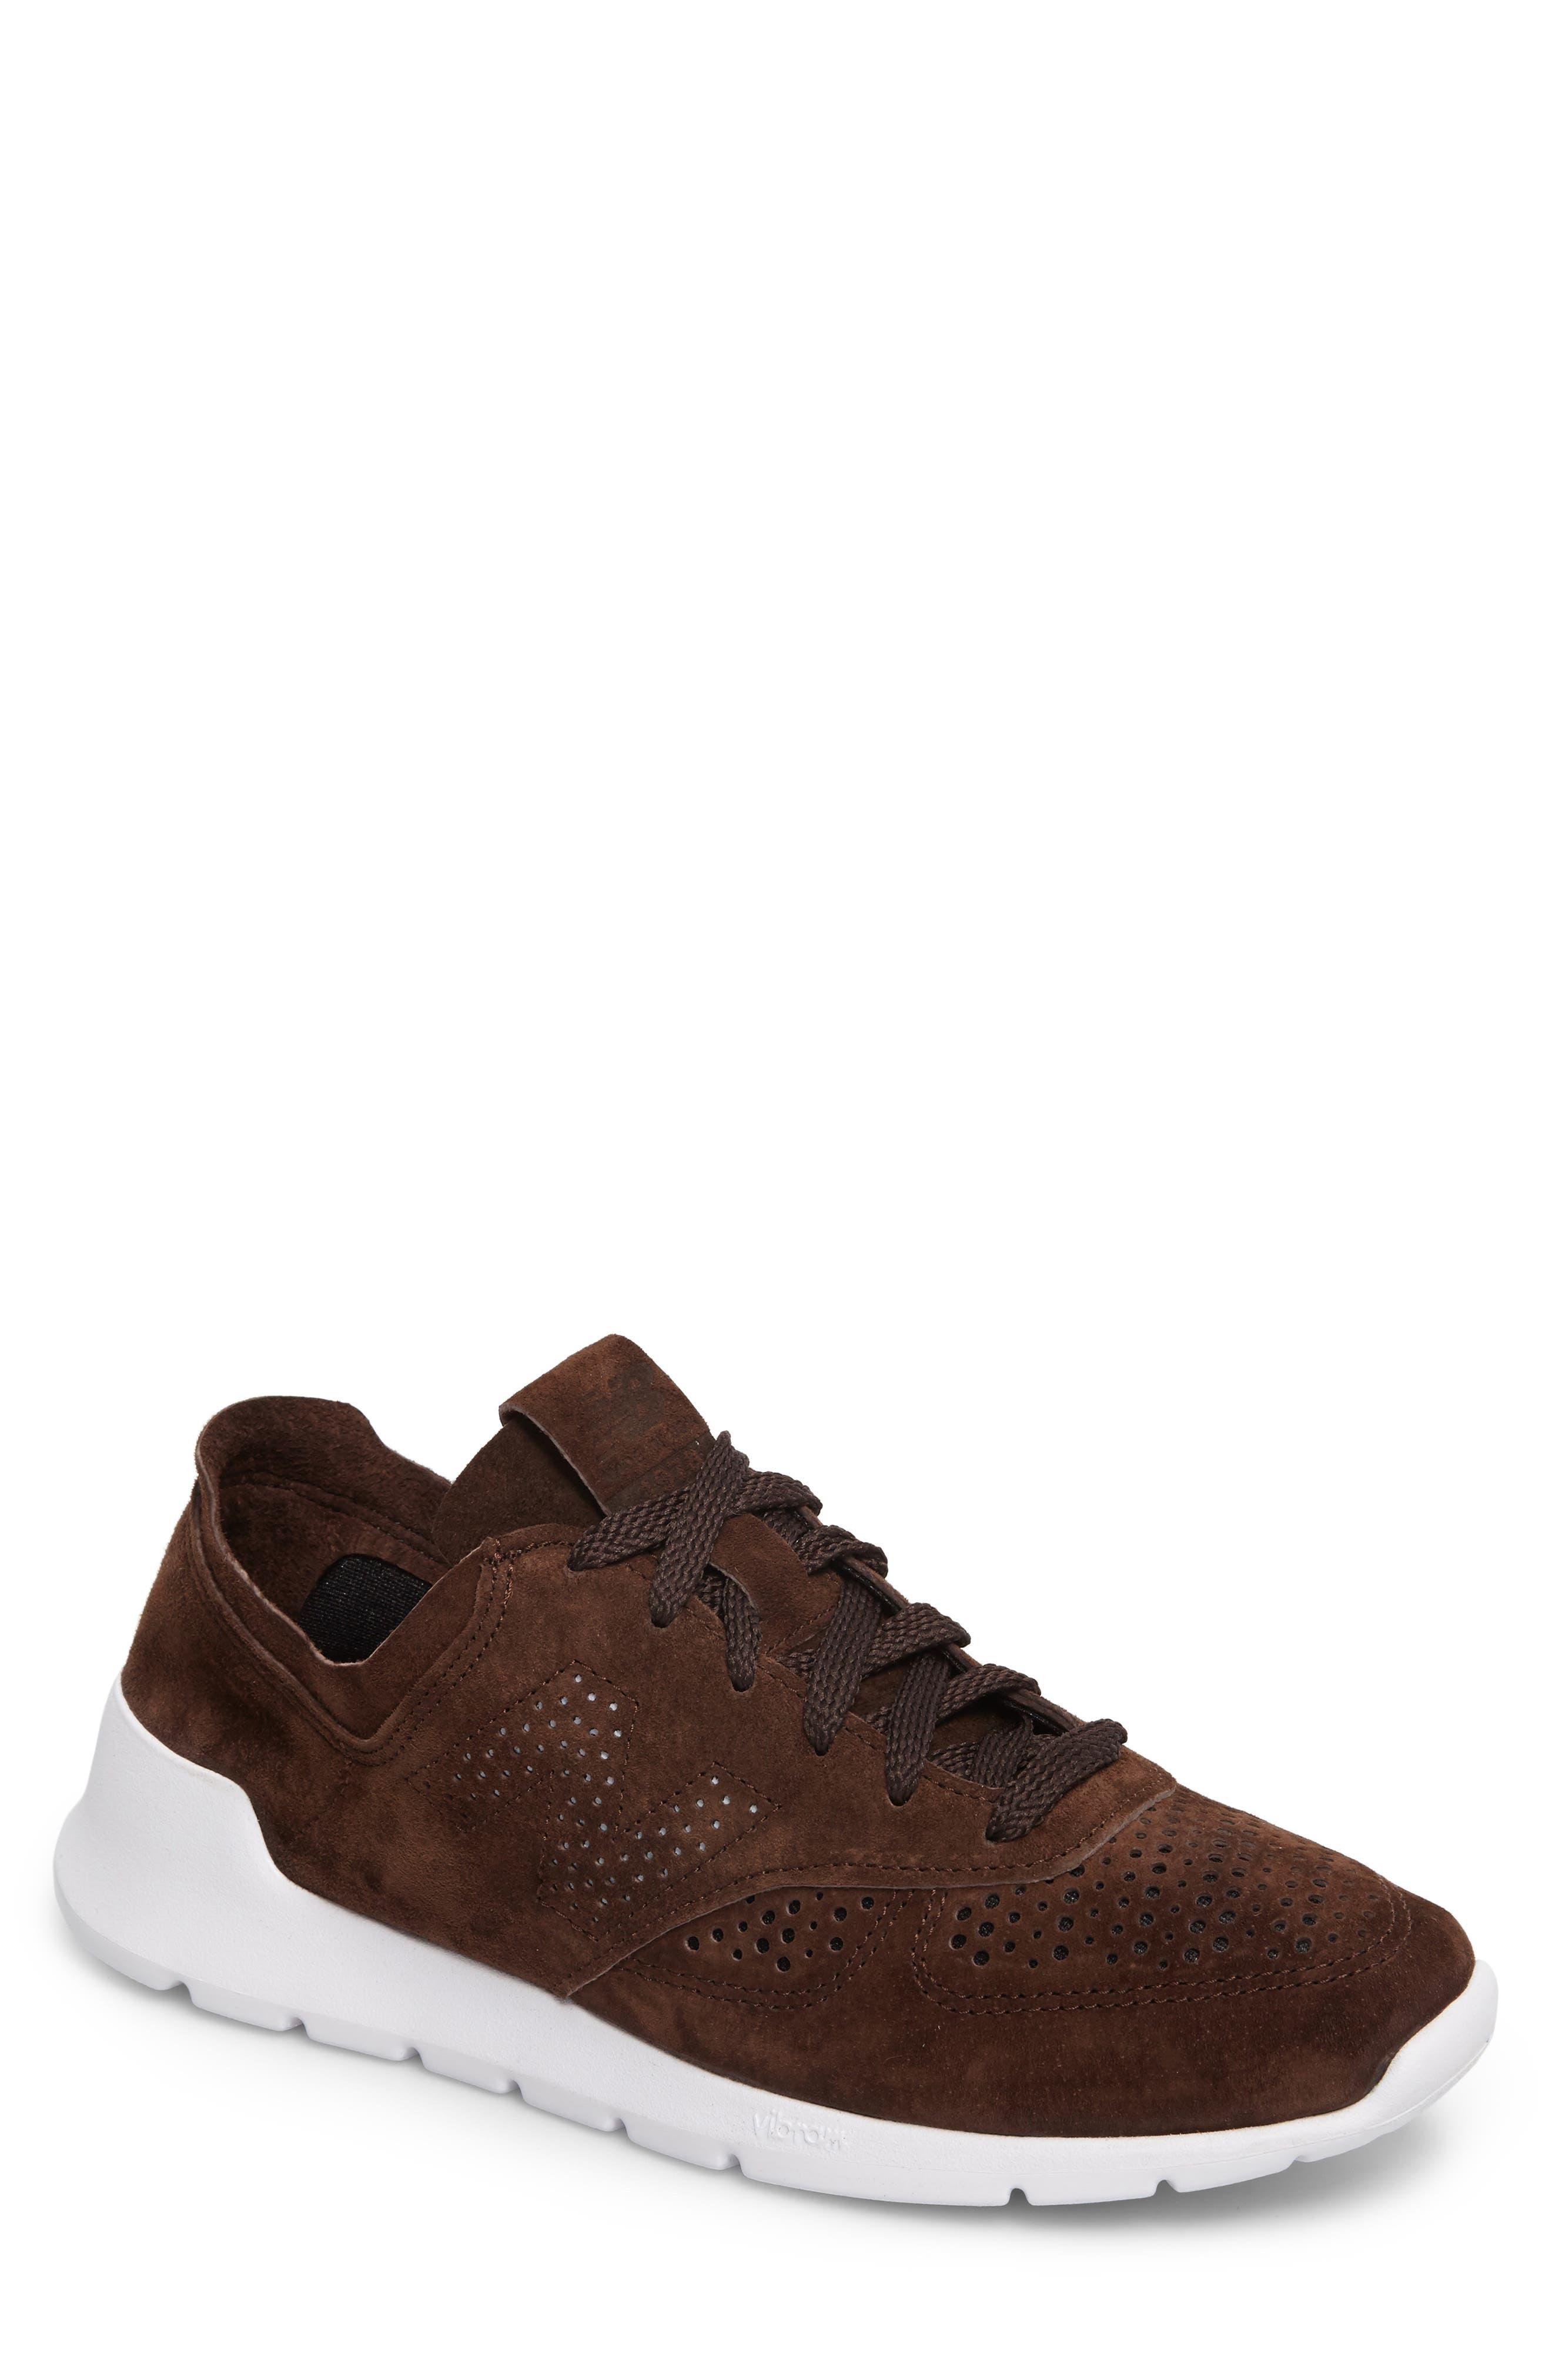 1978 Sneaker,                         Main,                         color, Brown